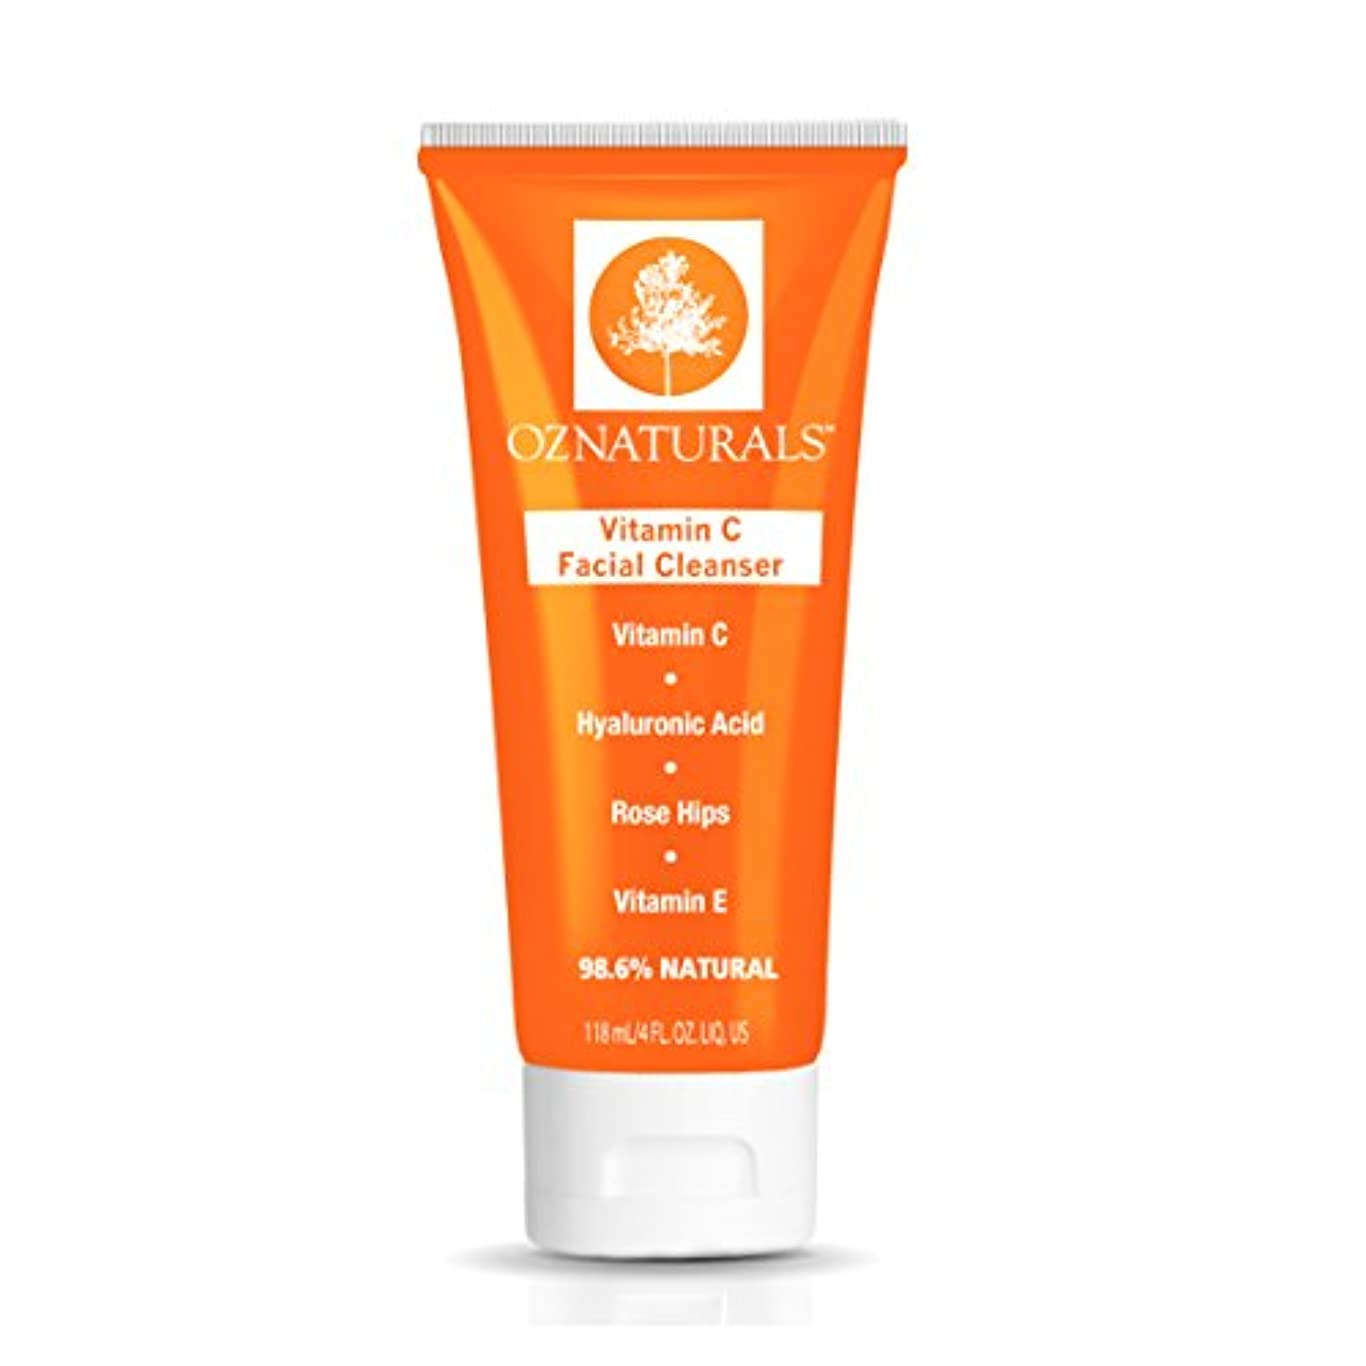 同級生クローゼットピクニックVitamin C Facial Cleanser 98.6% Natural 118ml, 4fl.oz. ナチュラル ビタミンC 洗顔クリーム